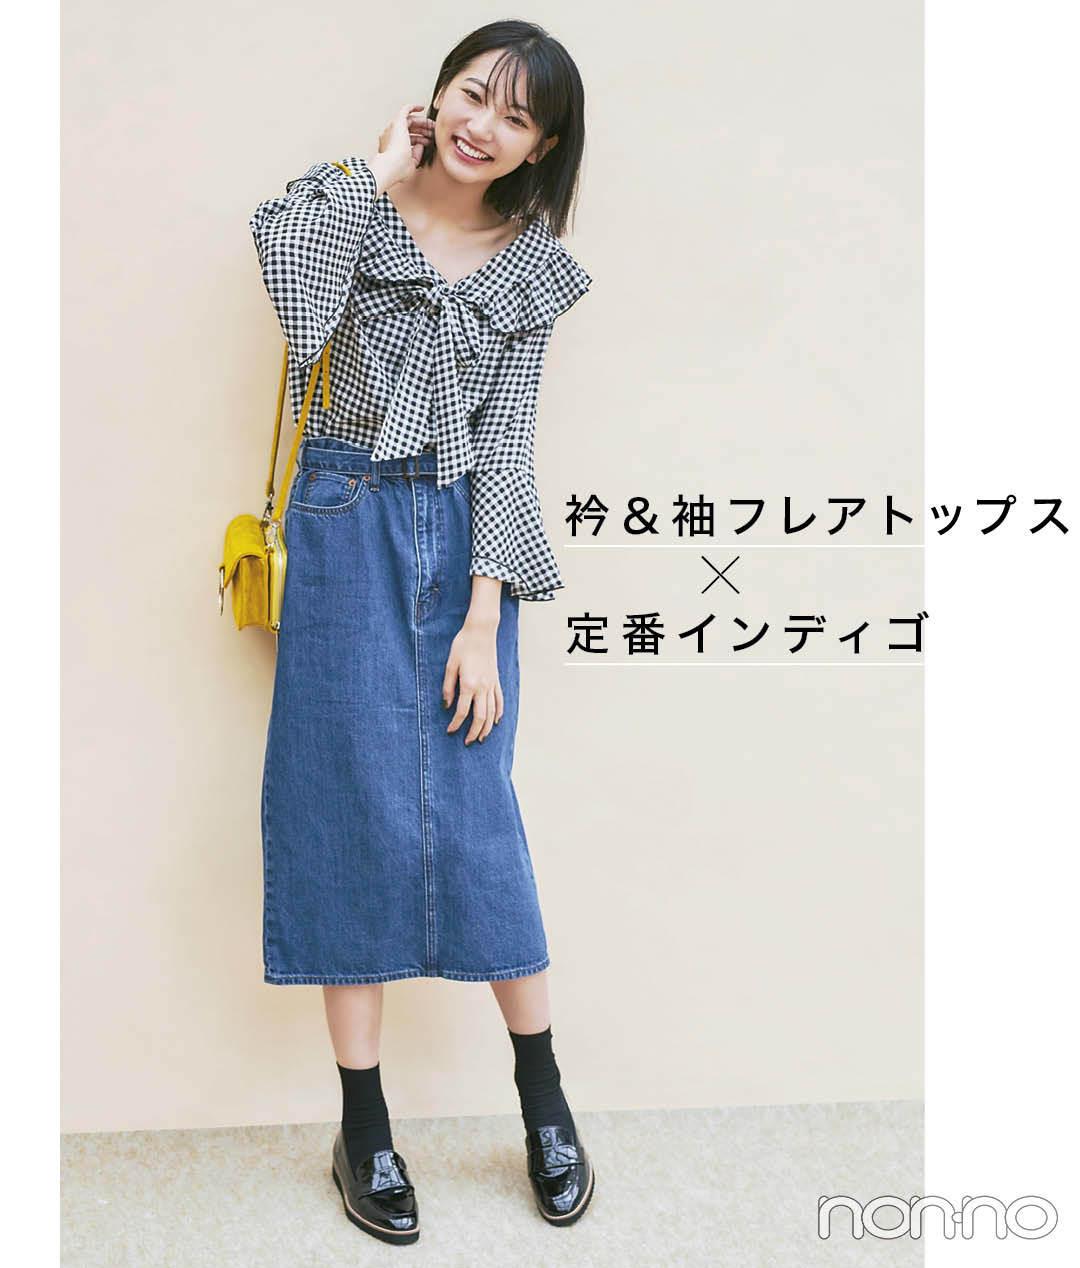 衿&袖フレアトップス×定番インディゴ